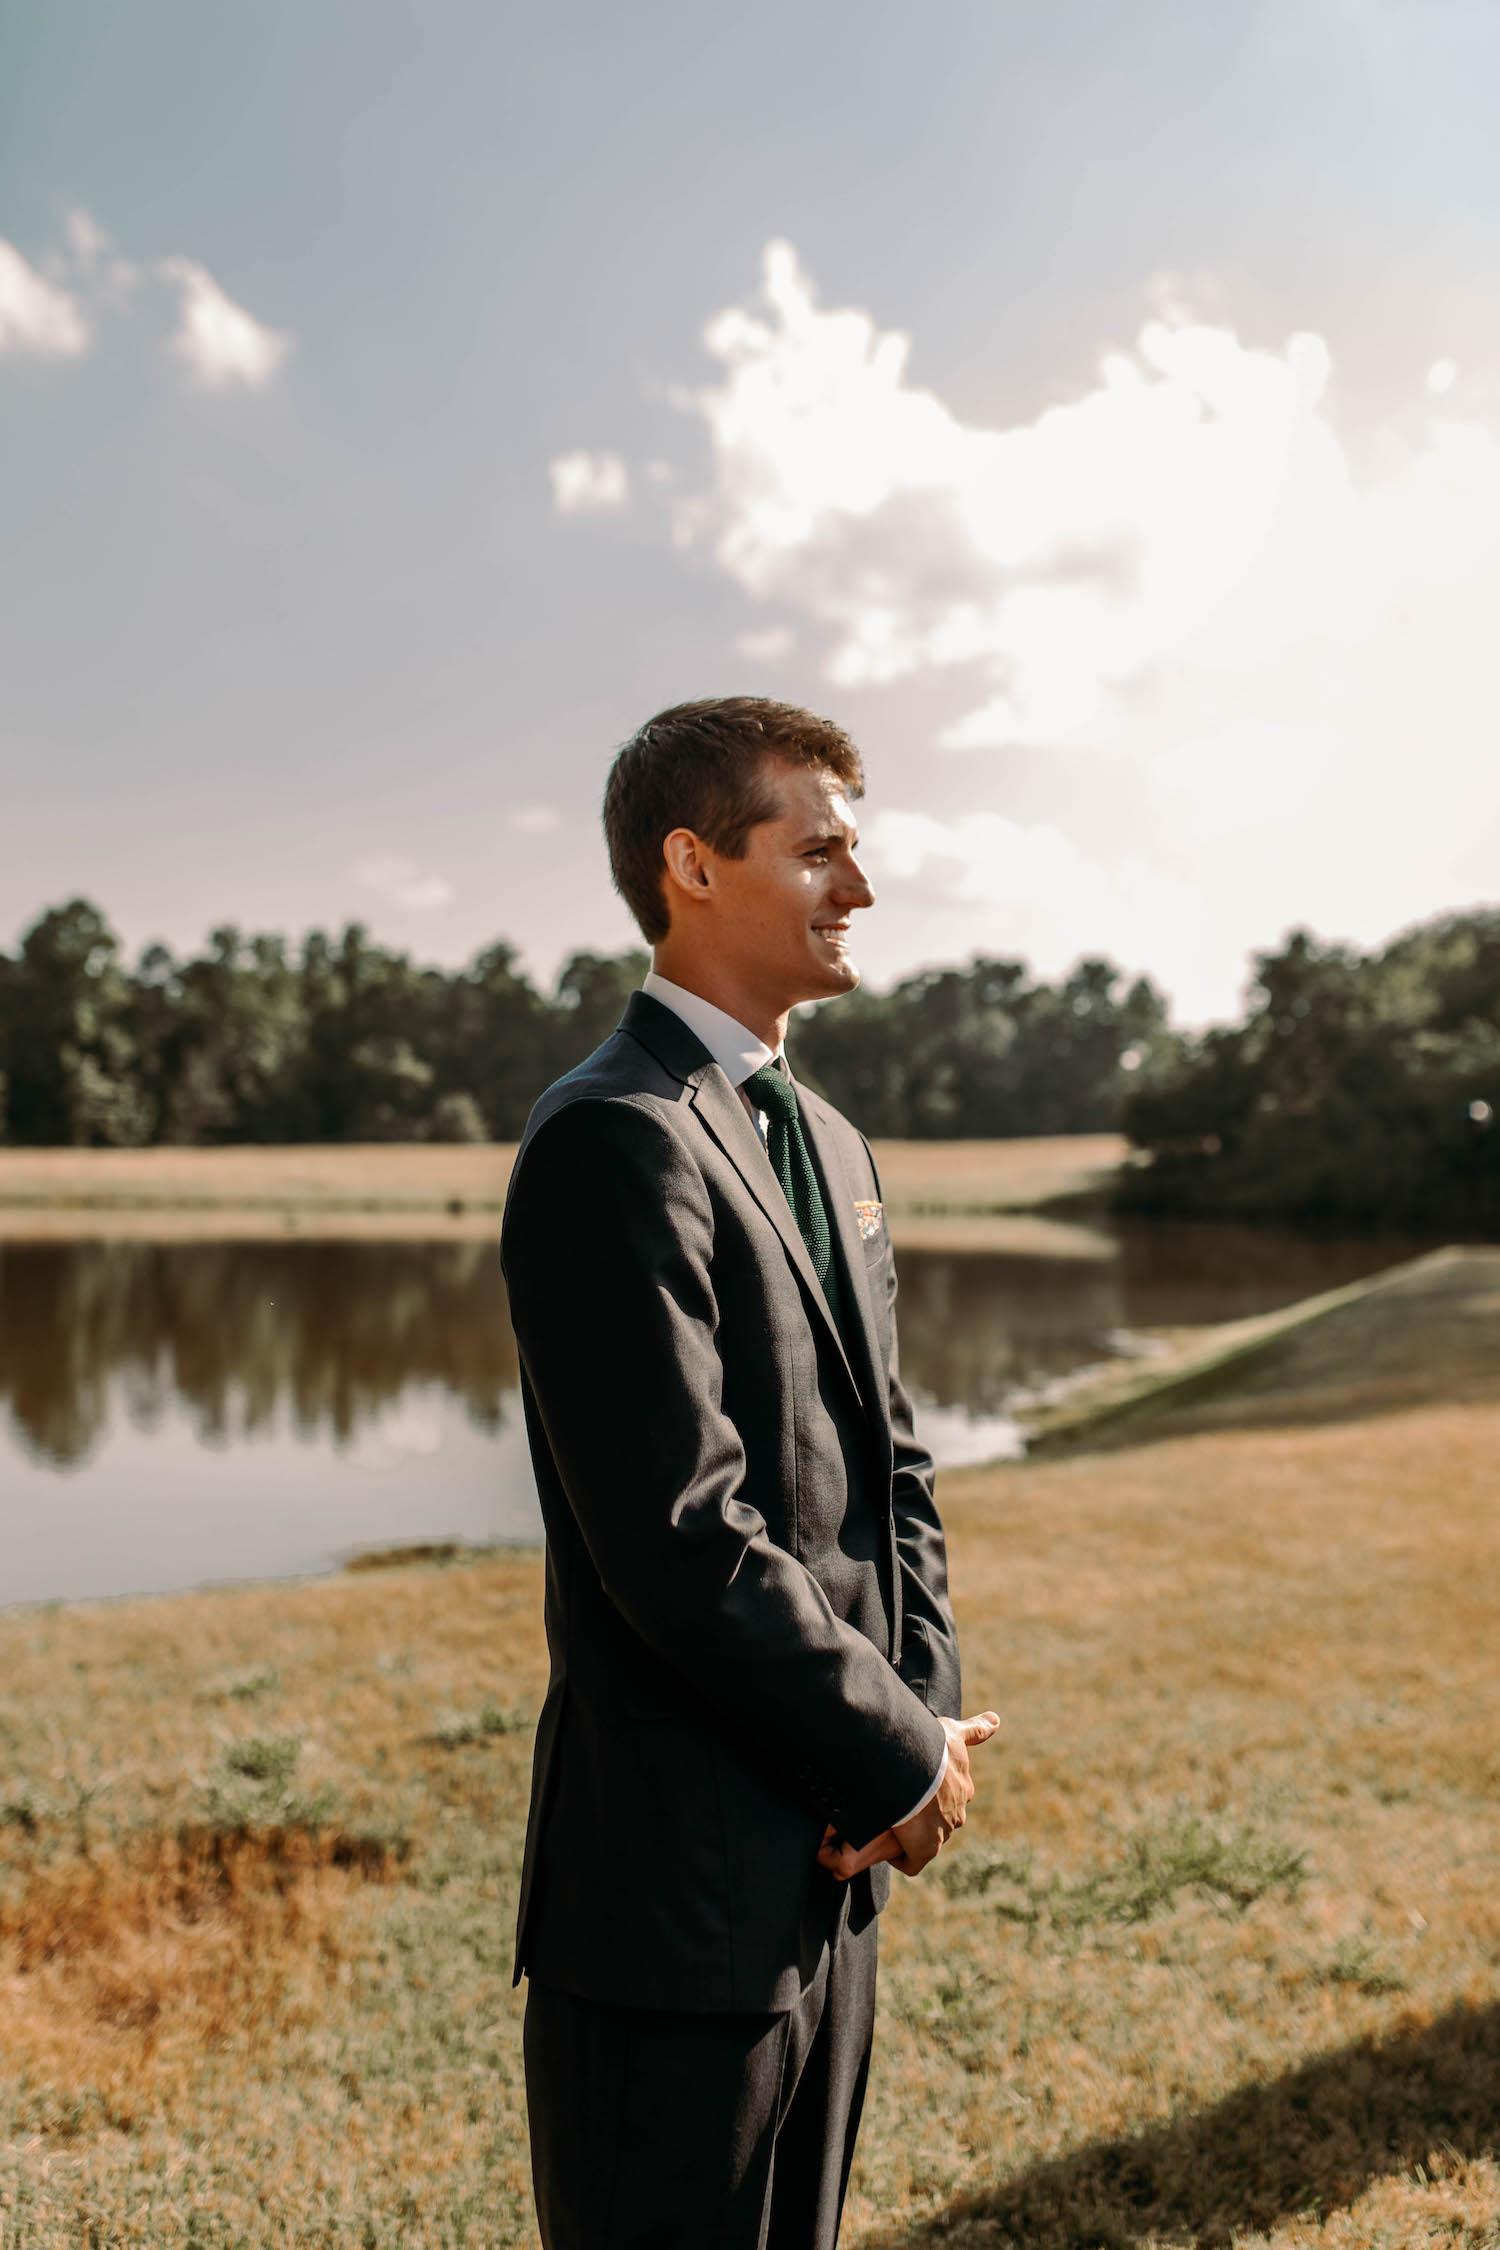 Carly-Adam-Three-Oaks-Farm-Wedding-Groom-Photo204.jpg